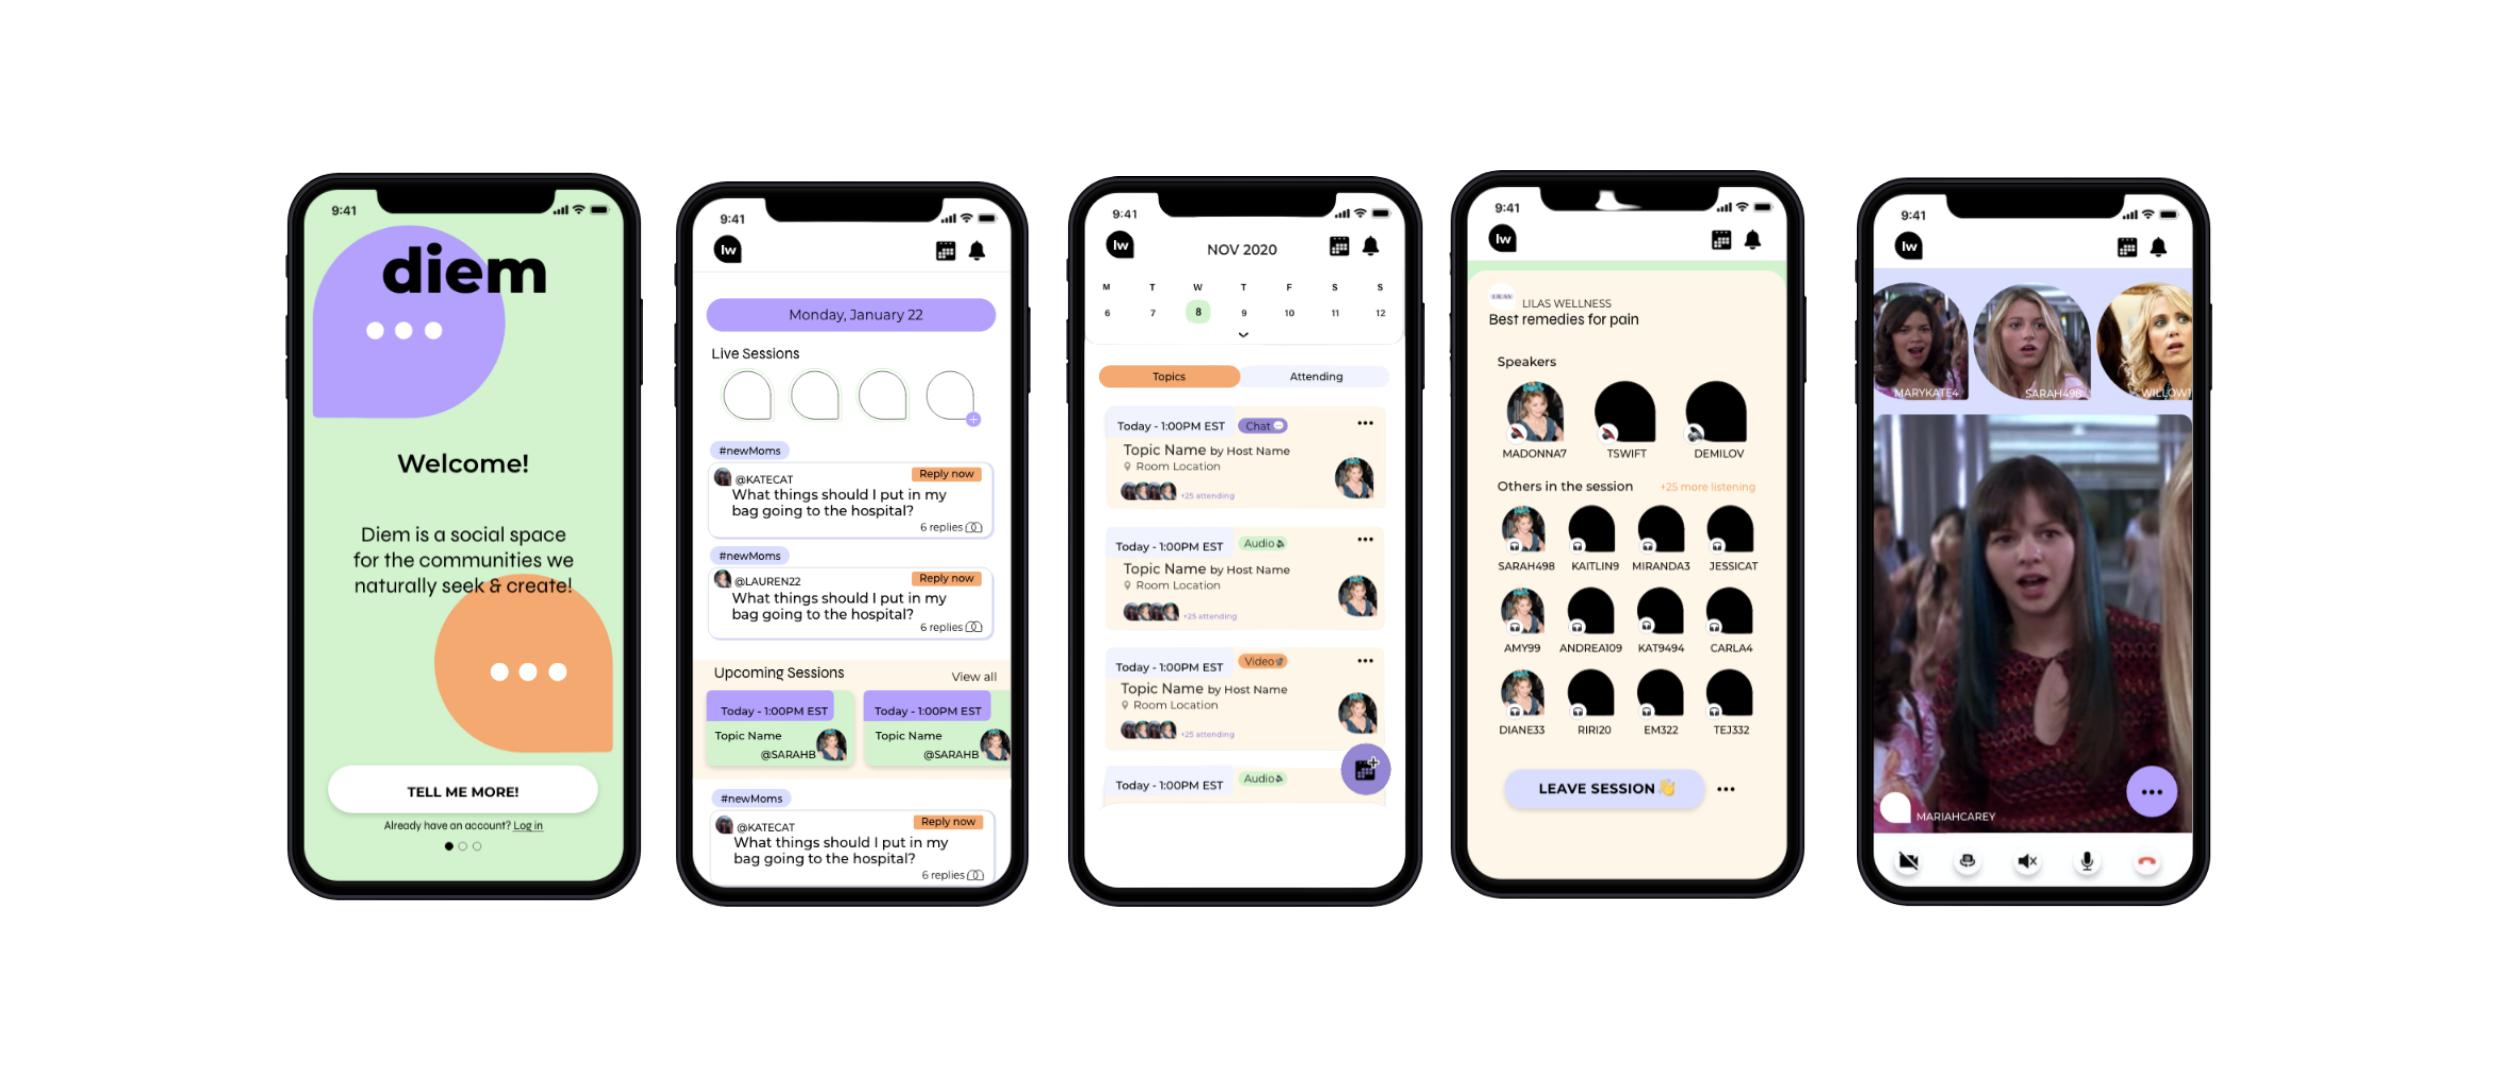 diem app display